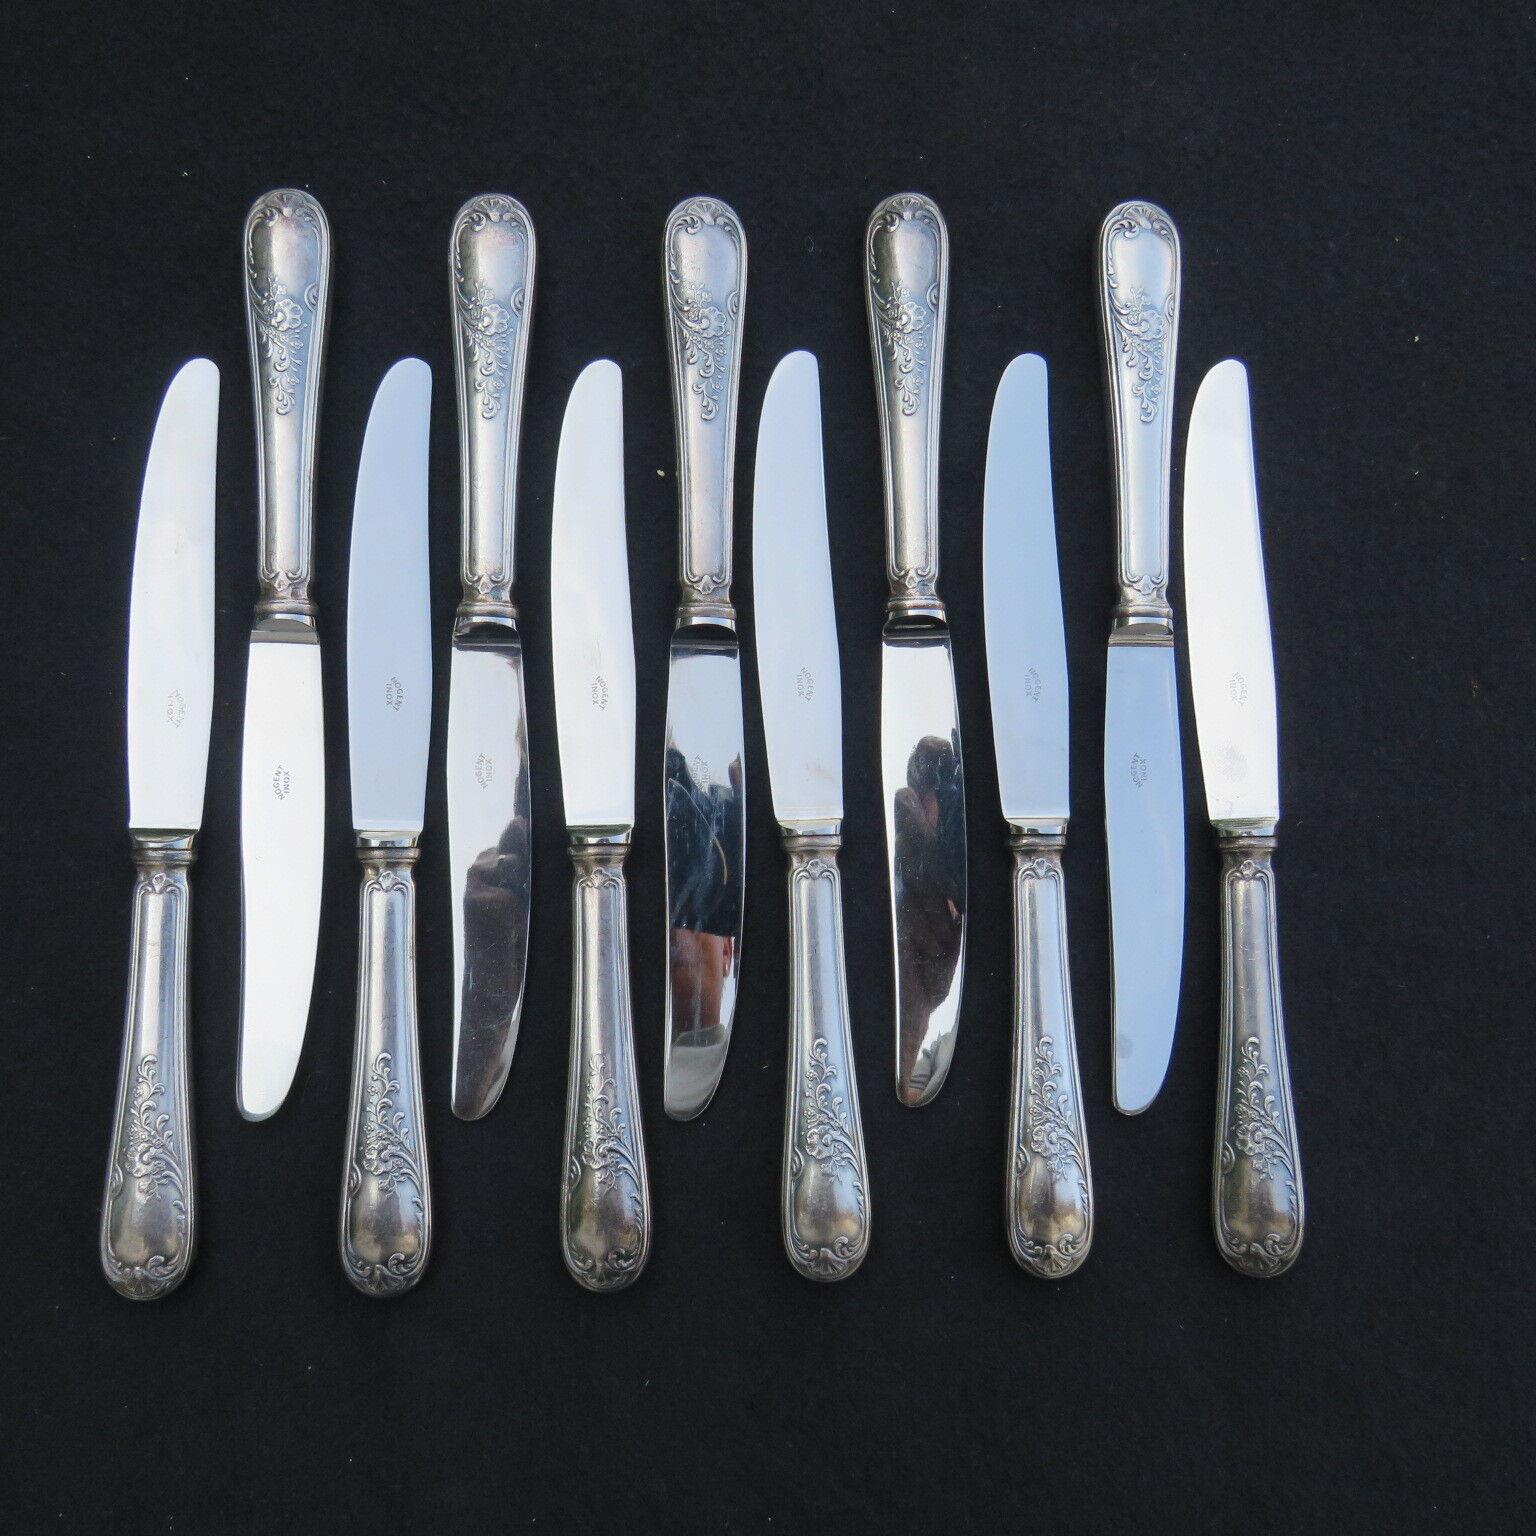 11 couteaux à entremet  en métal argenté François Frionnet  modèle marly